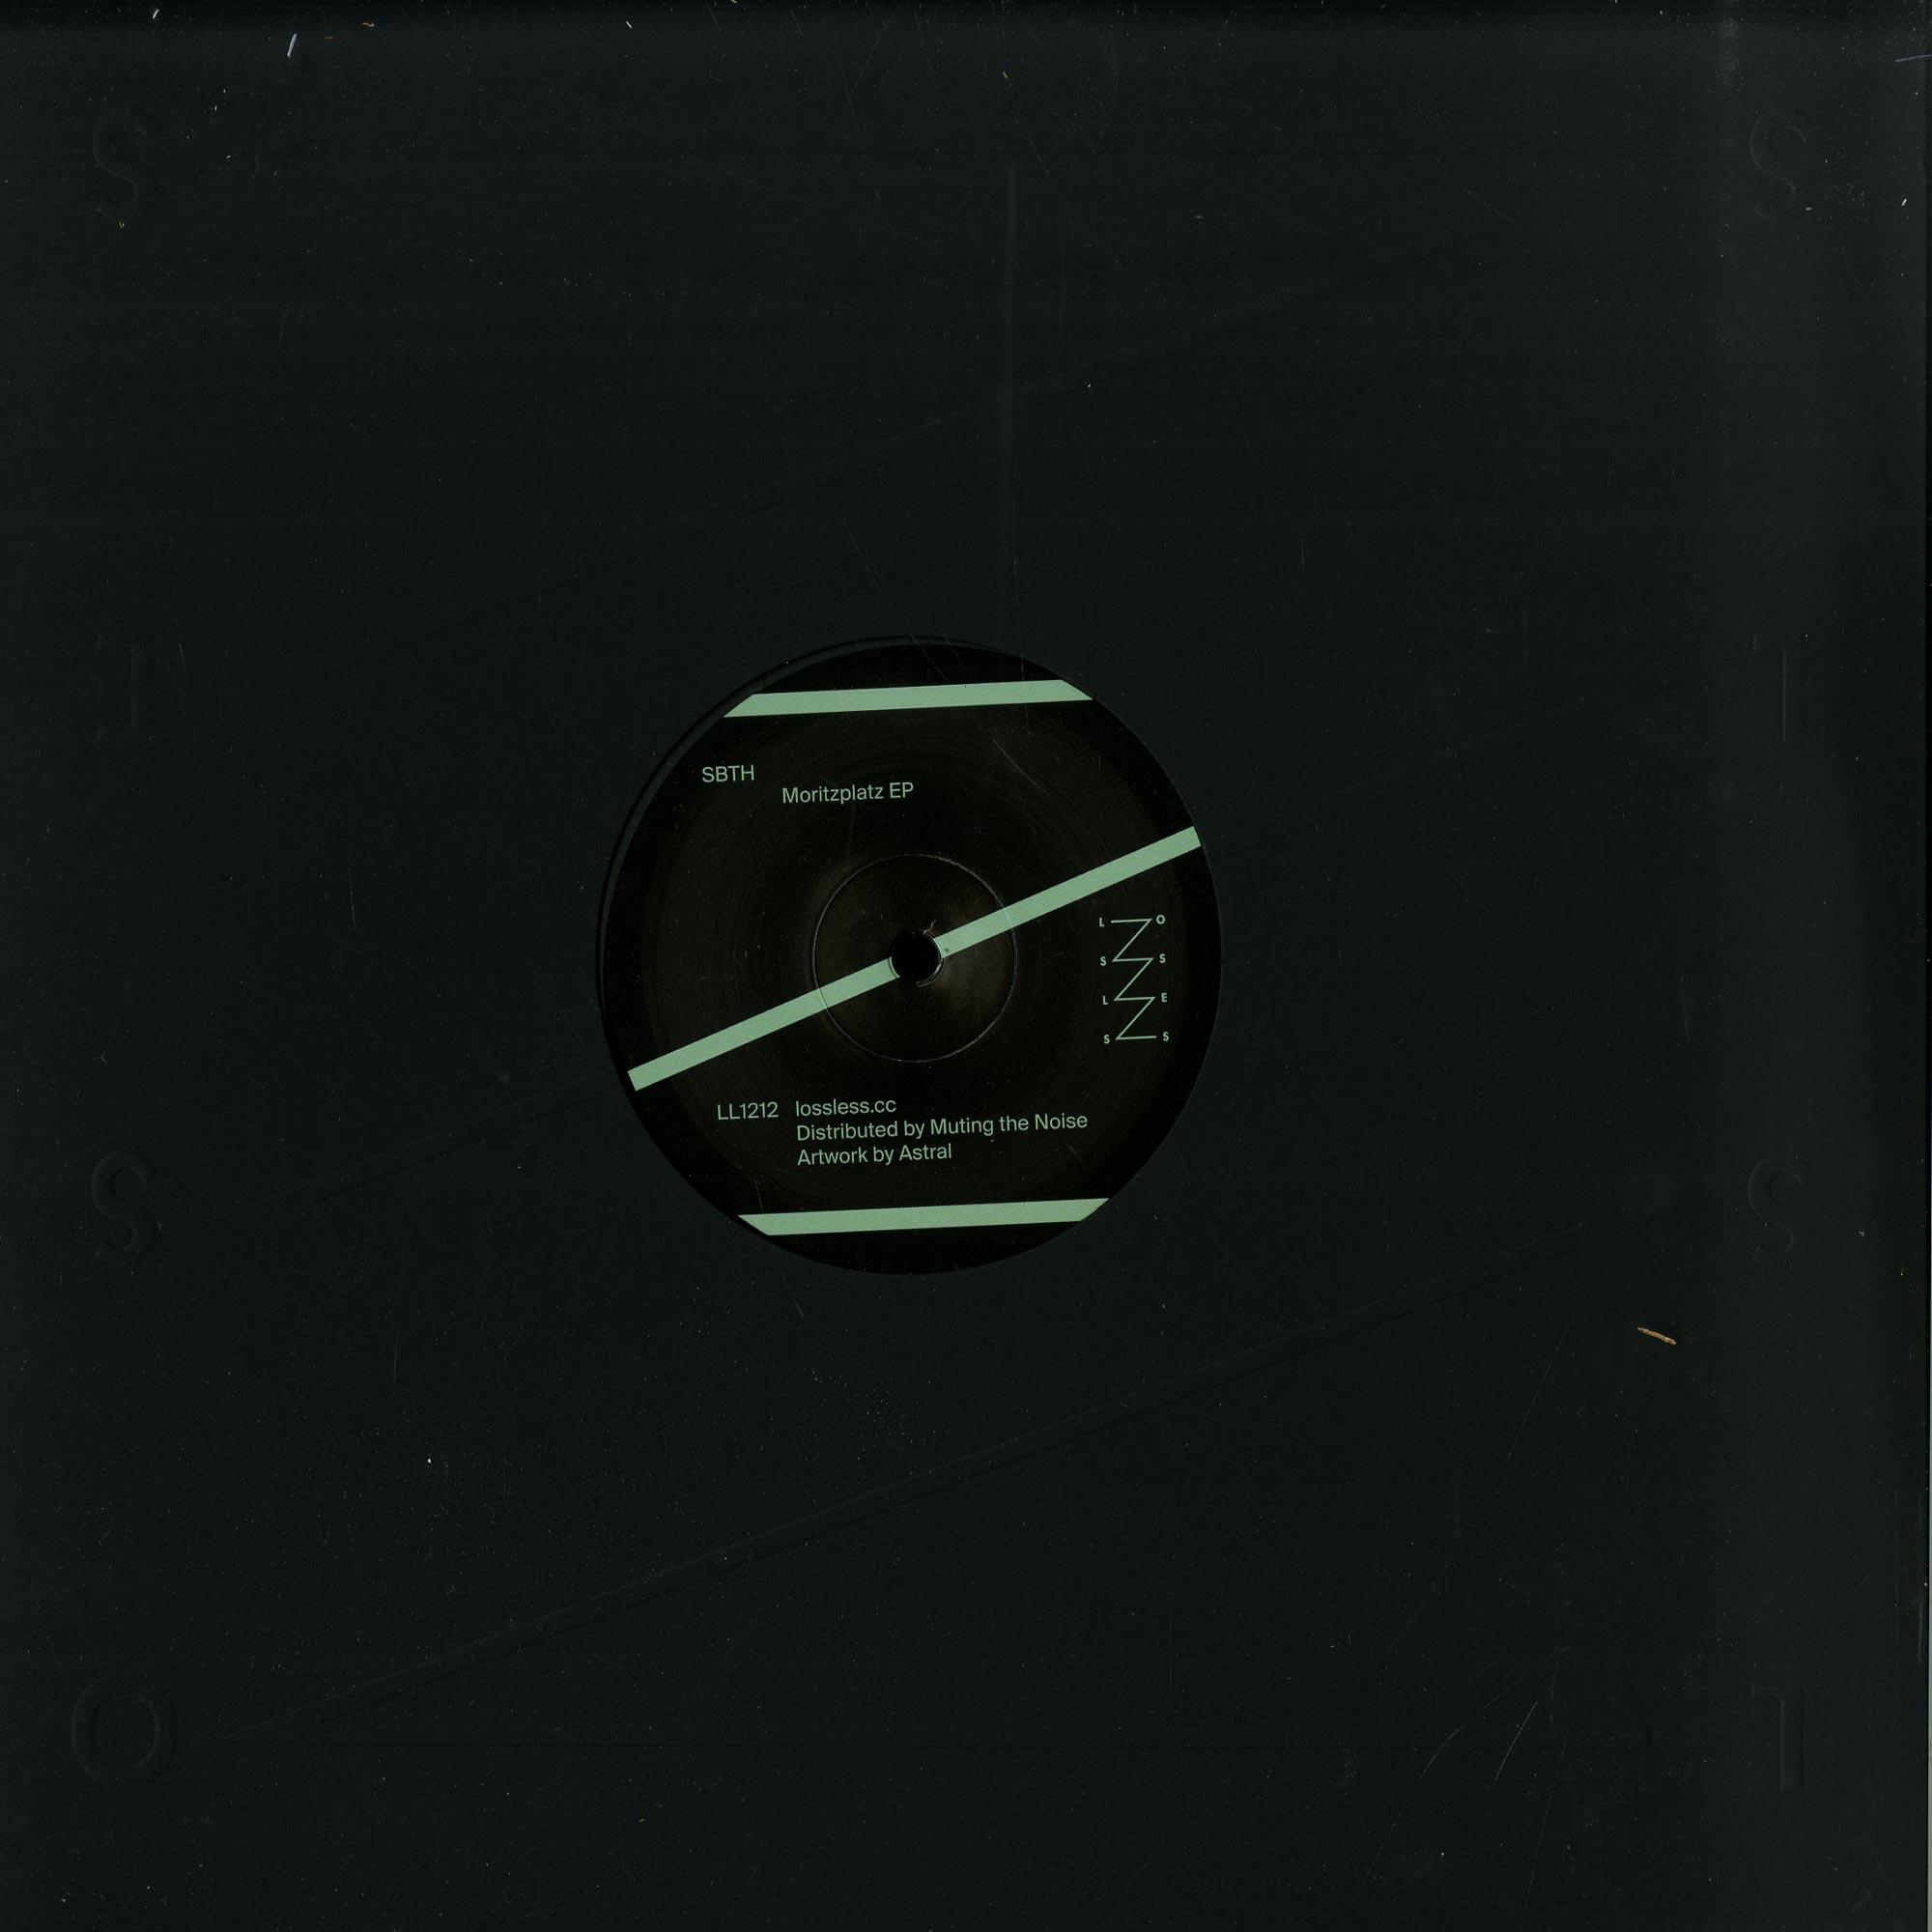 Sbth - MORITZPLATZ EP